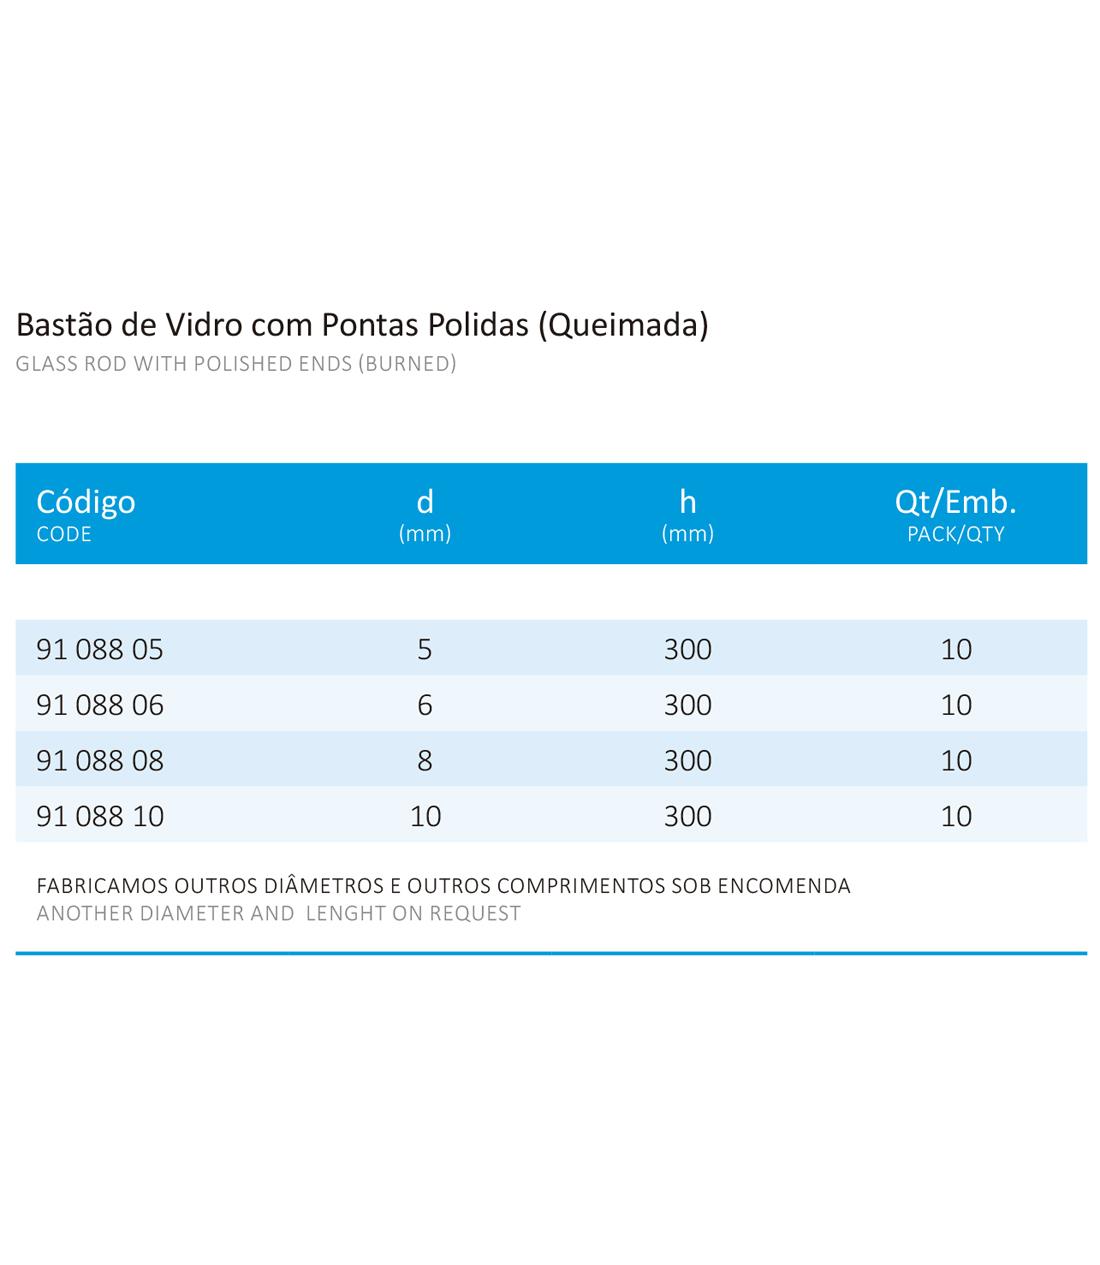 BASTAO DE VIDRO C/ PONTAS POLIDAS 6 X 300 - Laborglas - Cód. 9108806